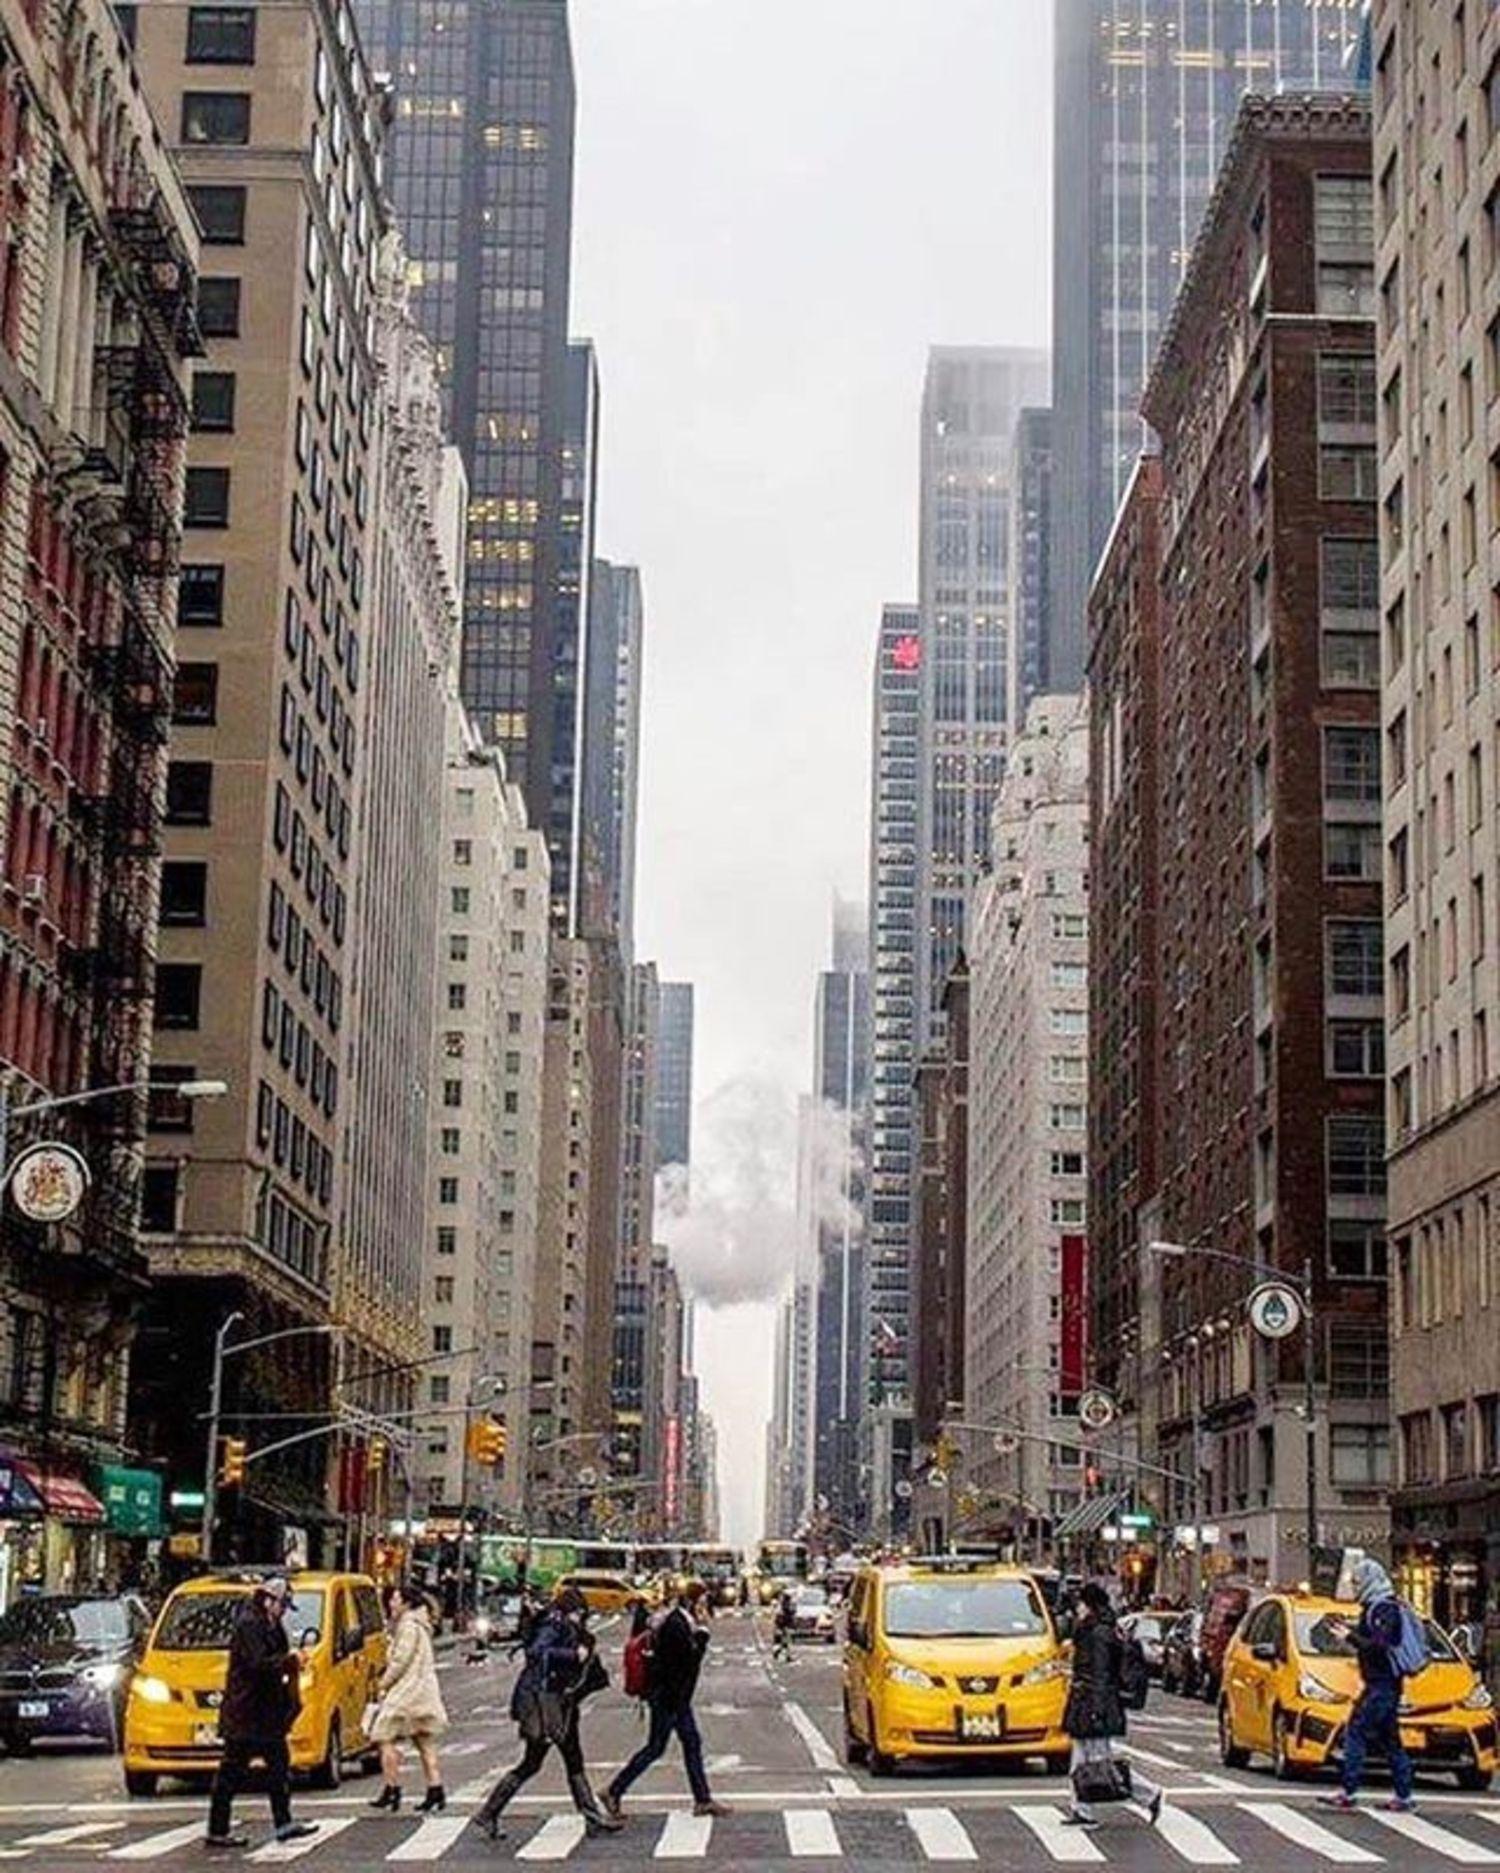 Photo via @newyorkcitykopp  #viewingnyc